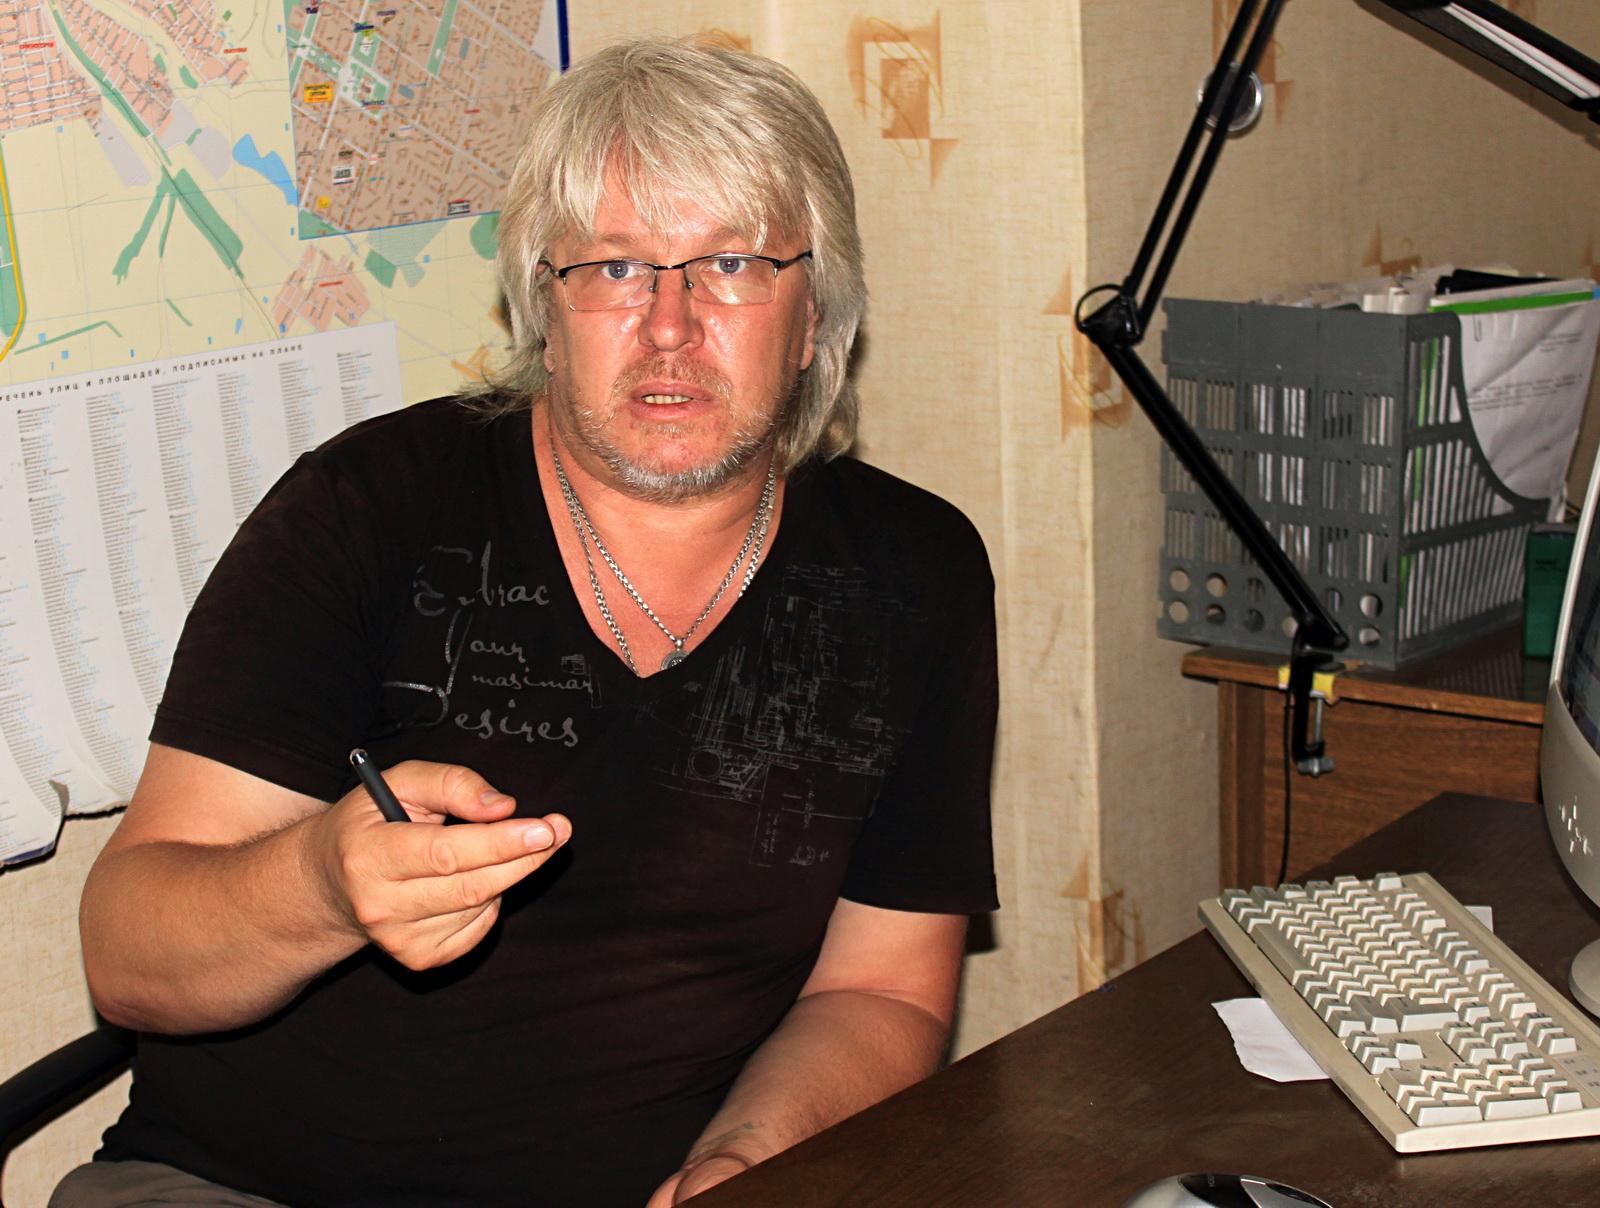 Олег Кубарь, головний редактор газети «Технополіс». Фото: Ірина Рудська